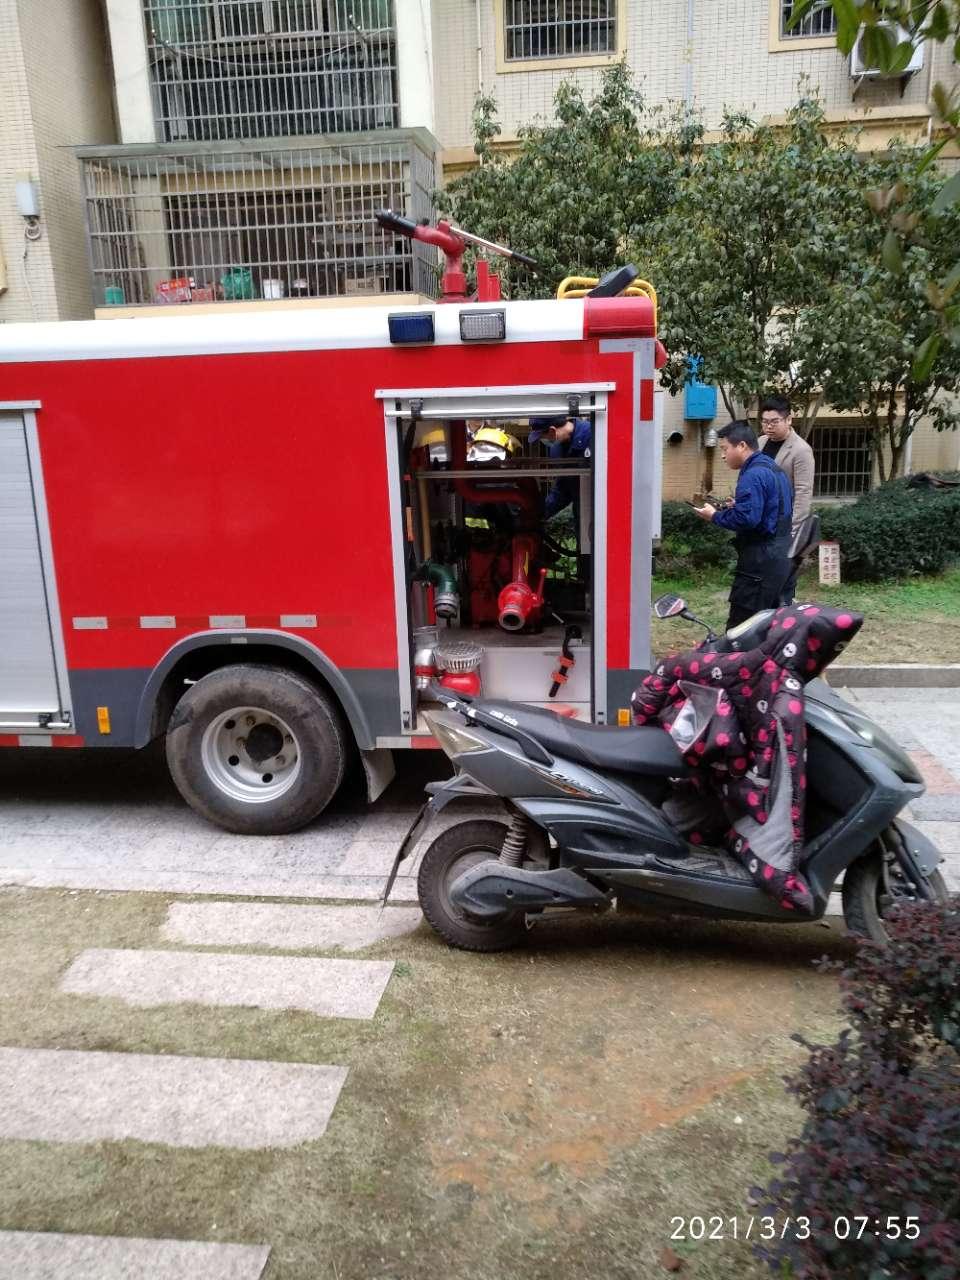 中盈小区一电梯房厨房黑烟滚滚,消防员火速赶往,现已被扑灭!